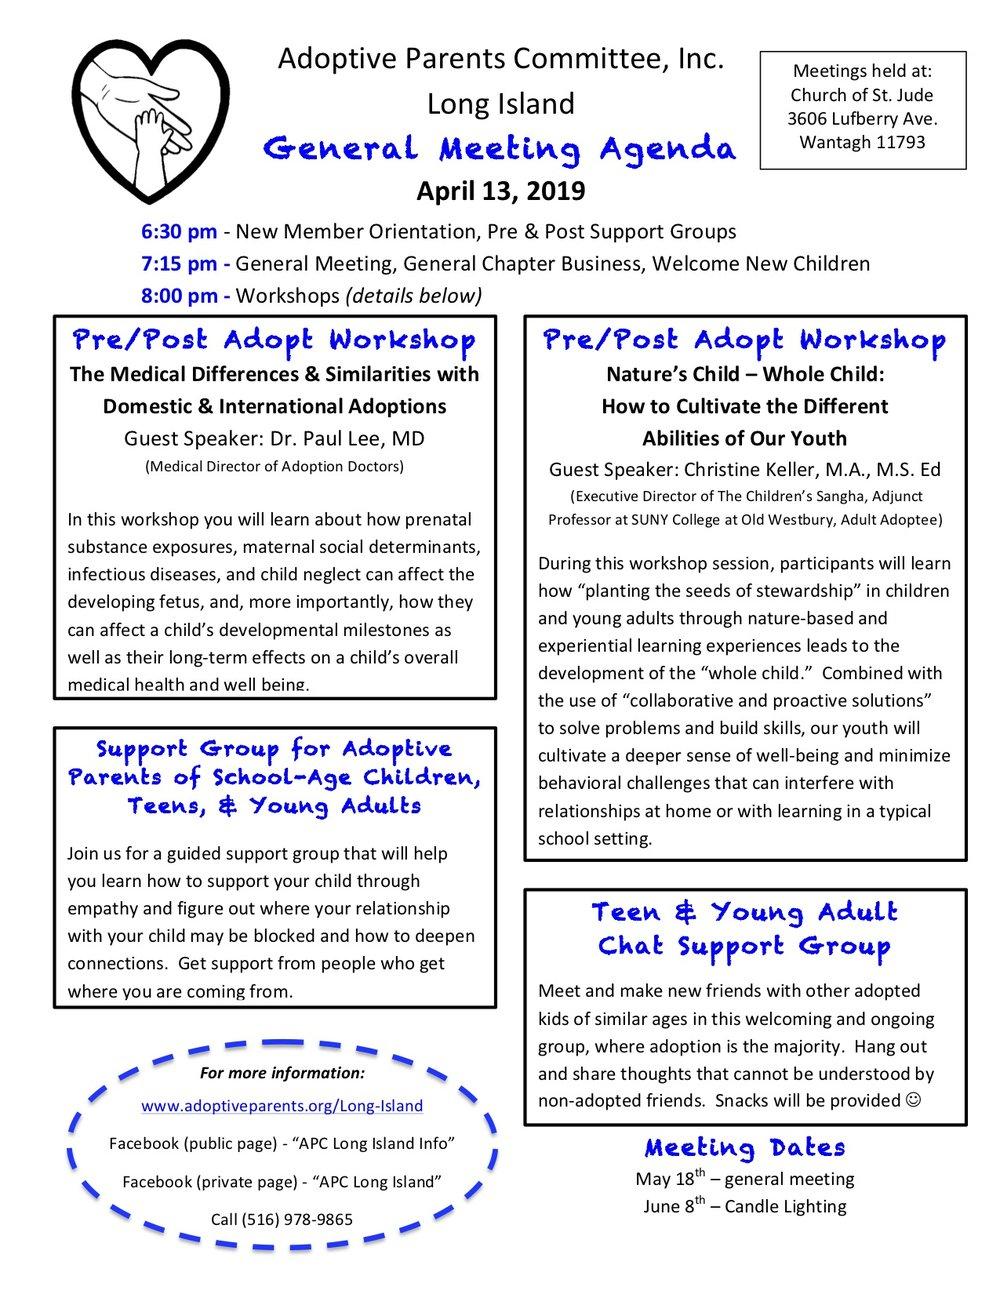 4-2019 agenda.jpg